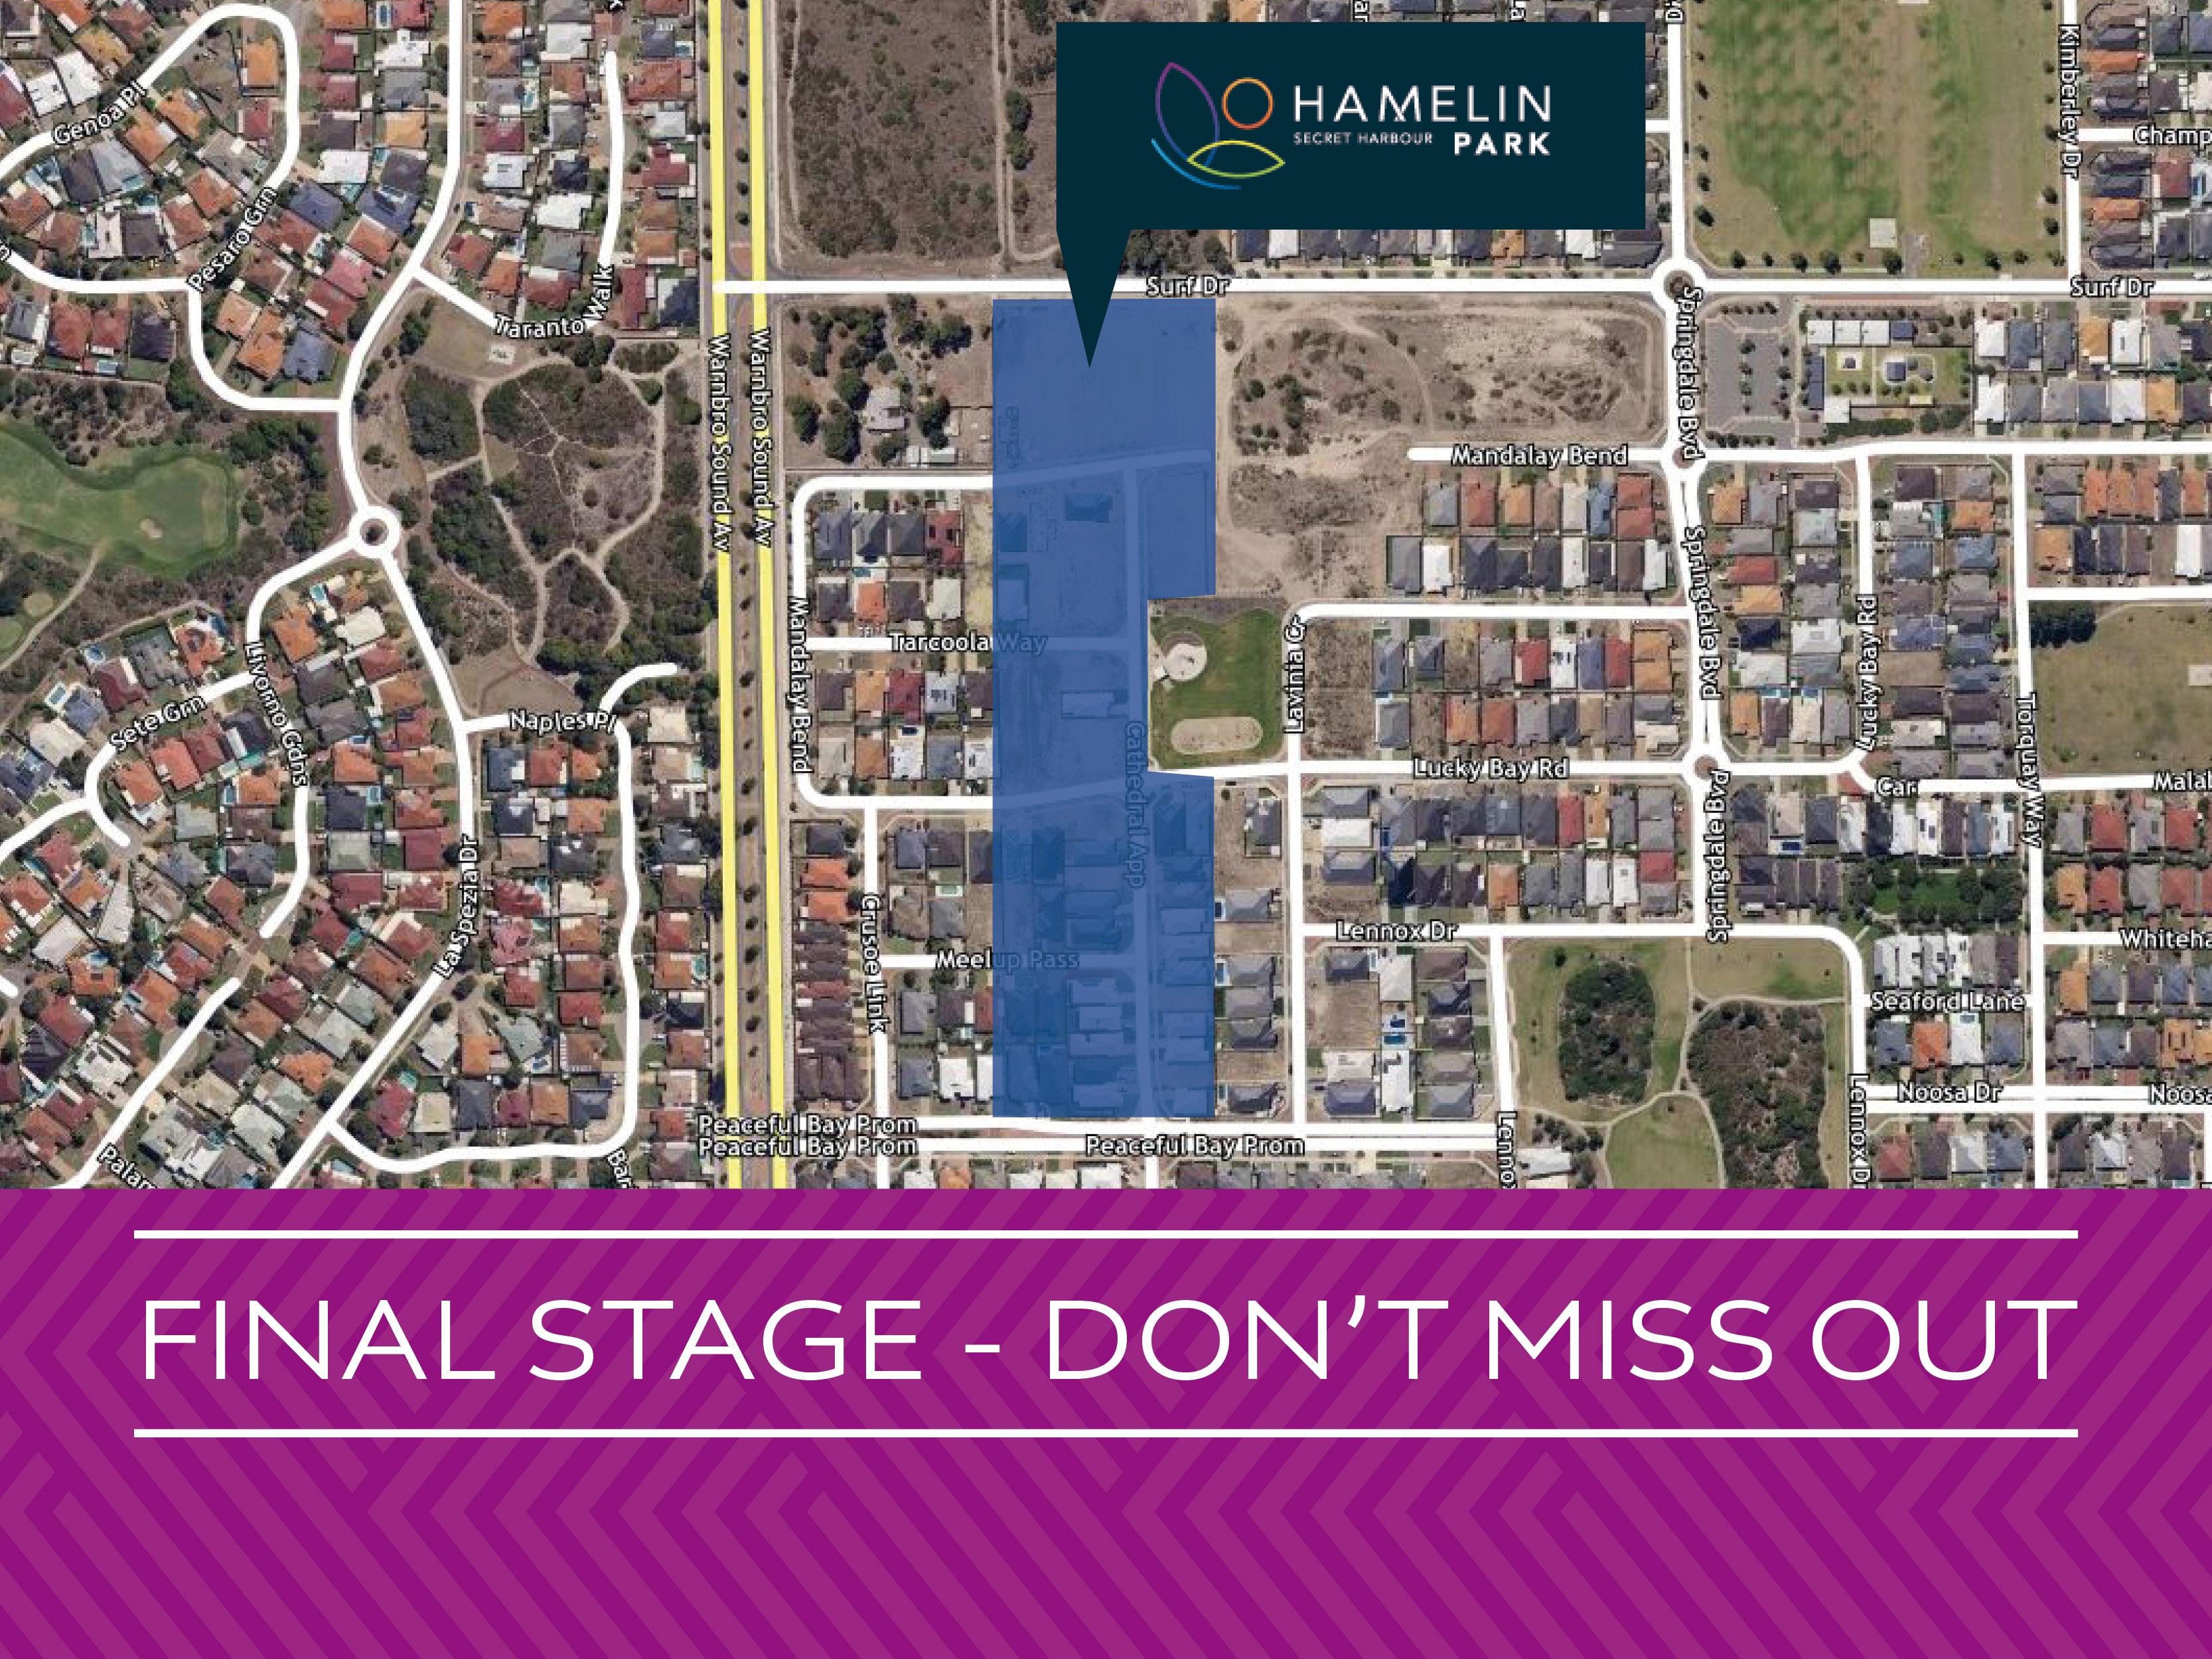 Estate - Hamelin Park Secret Harbour - Land For Sale - 21175114 - ACTON Projects